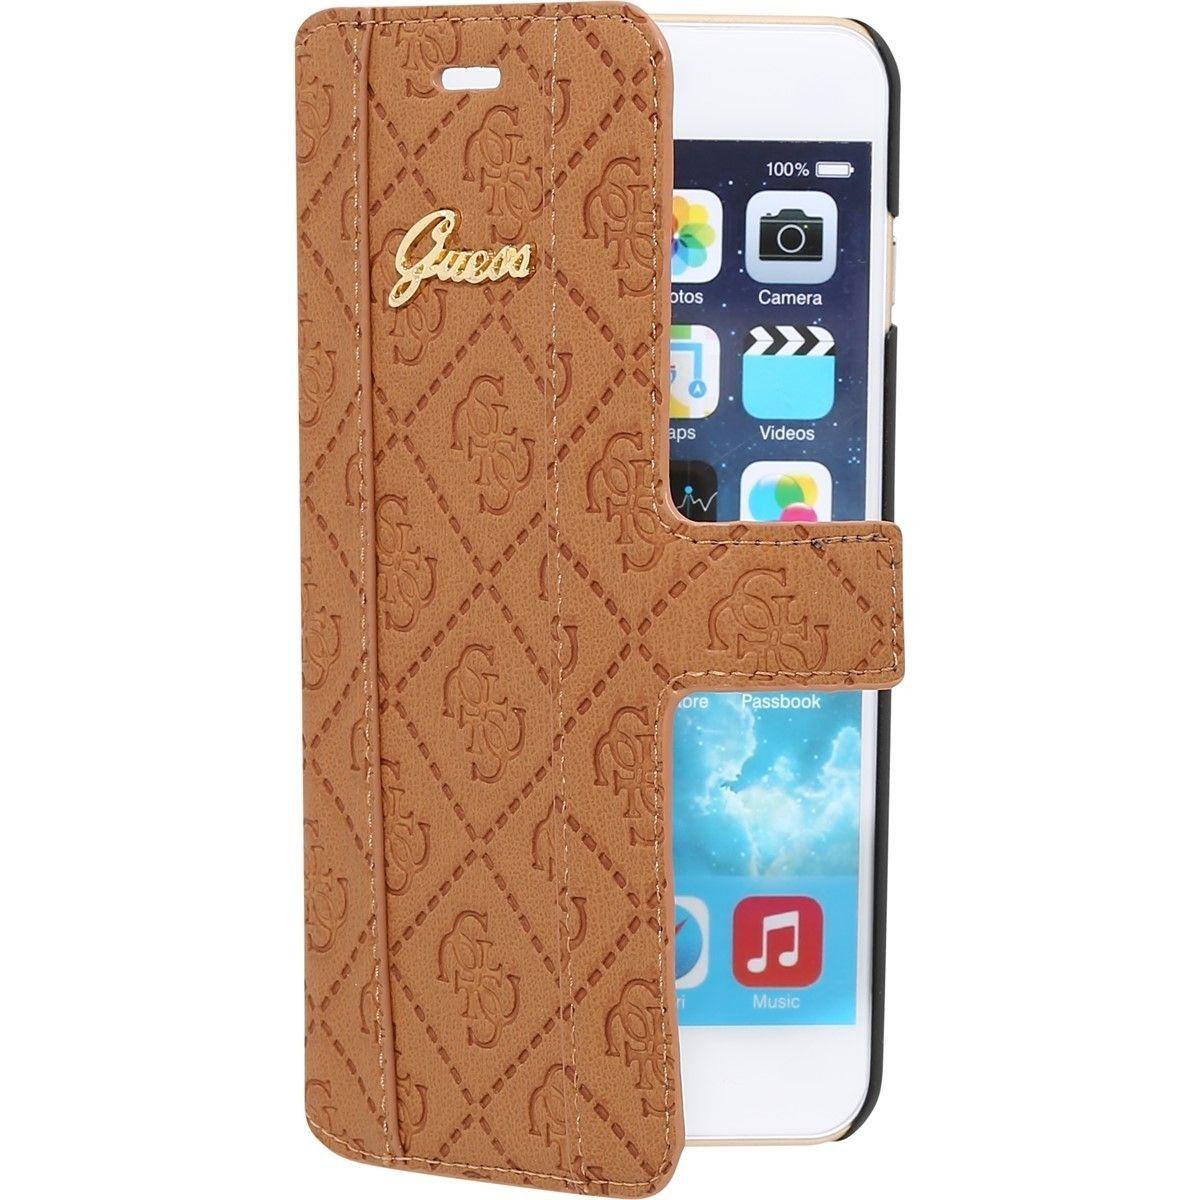 Coque etui clapet tactile apple iphone 6